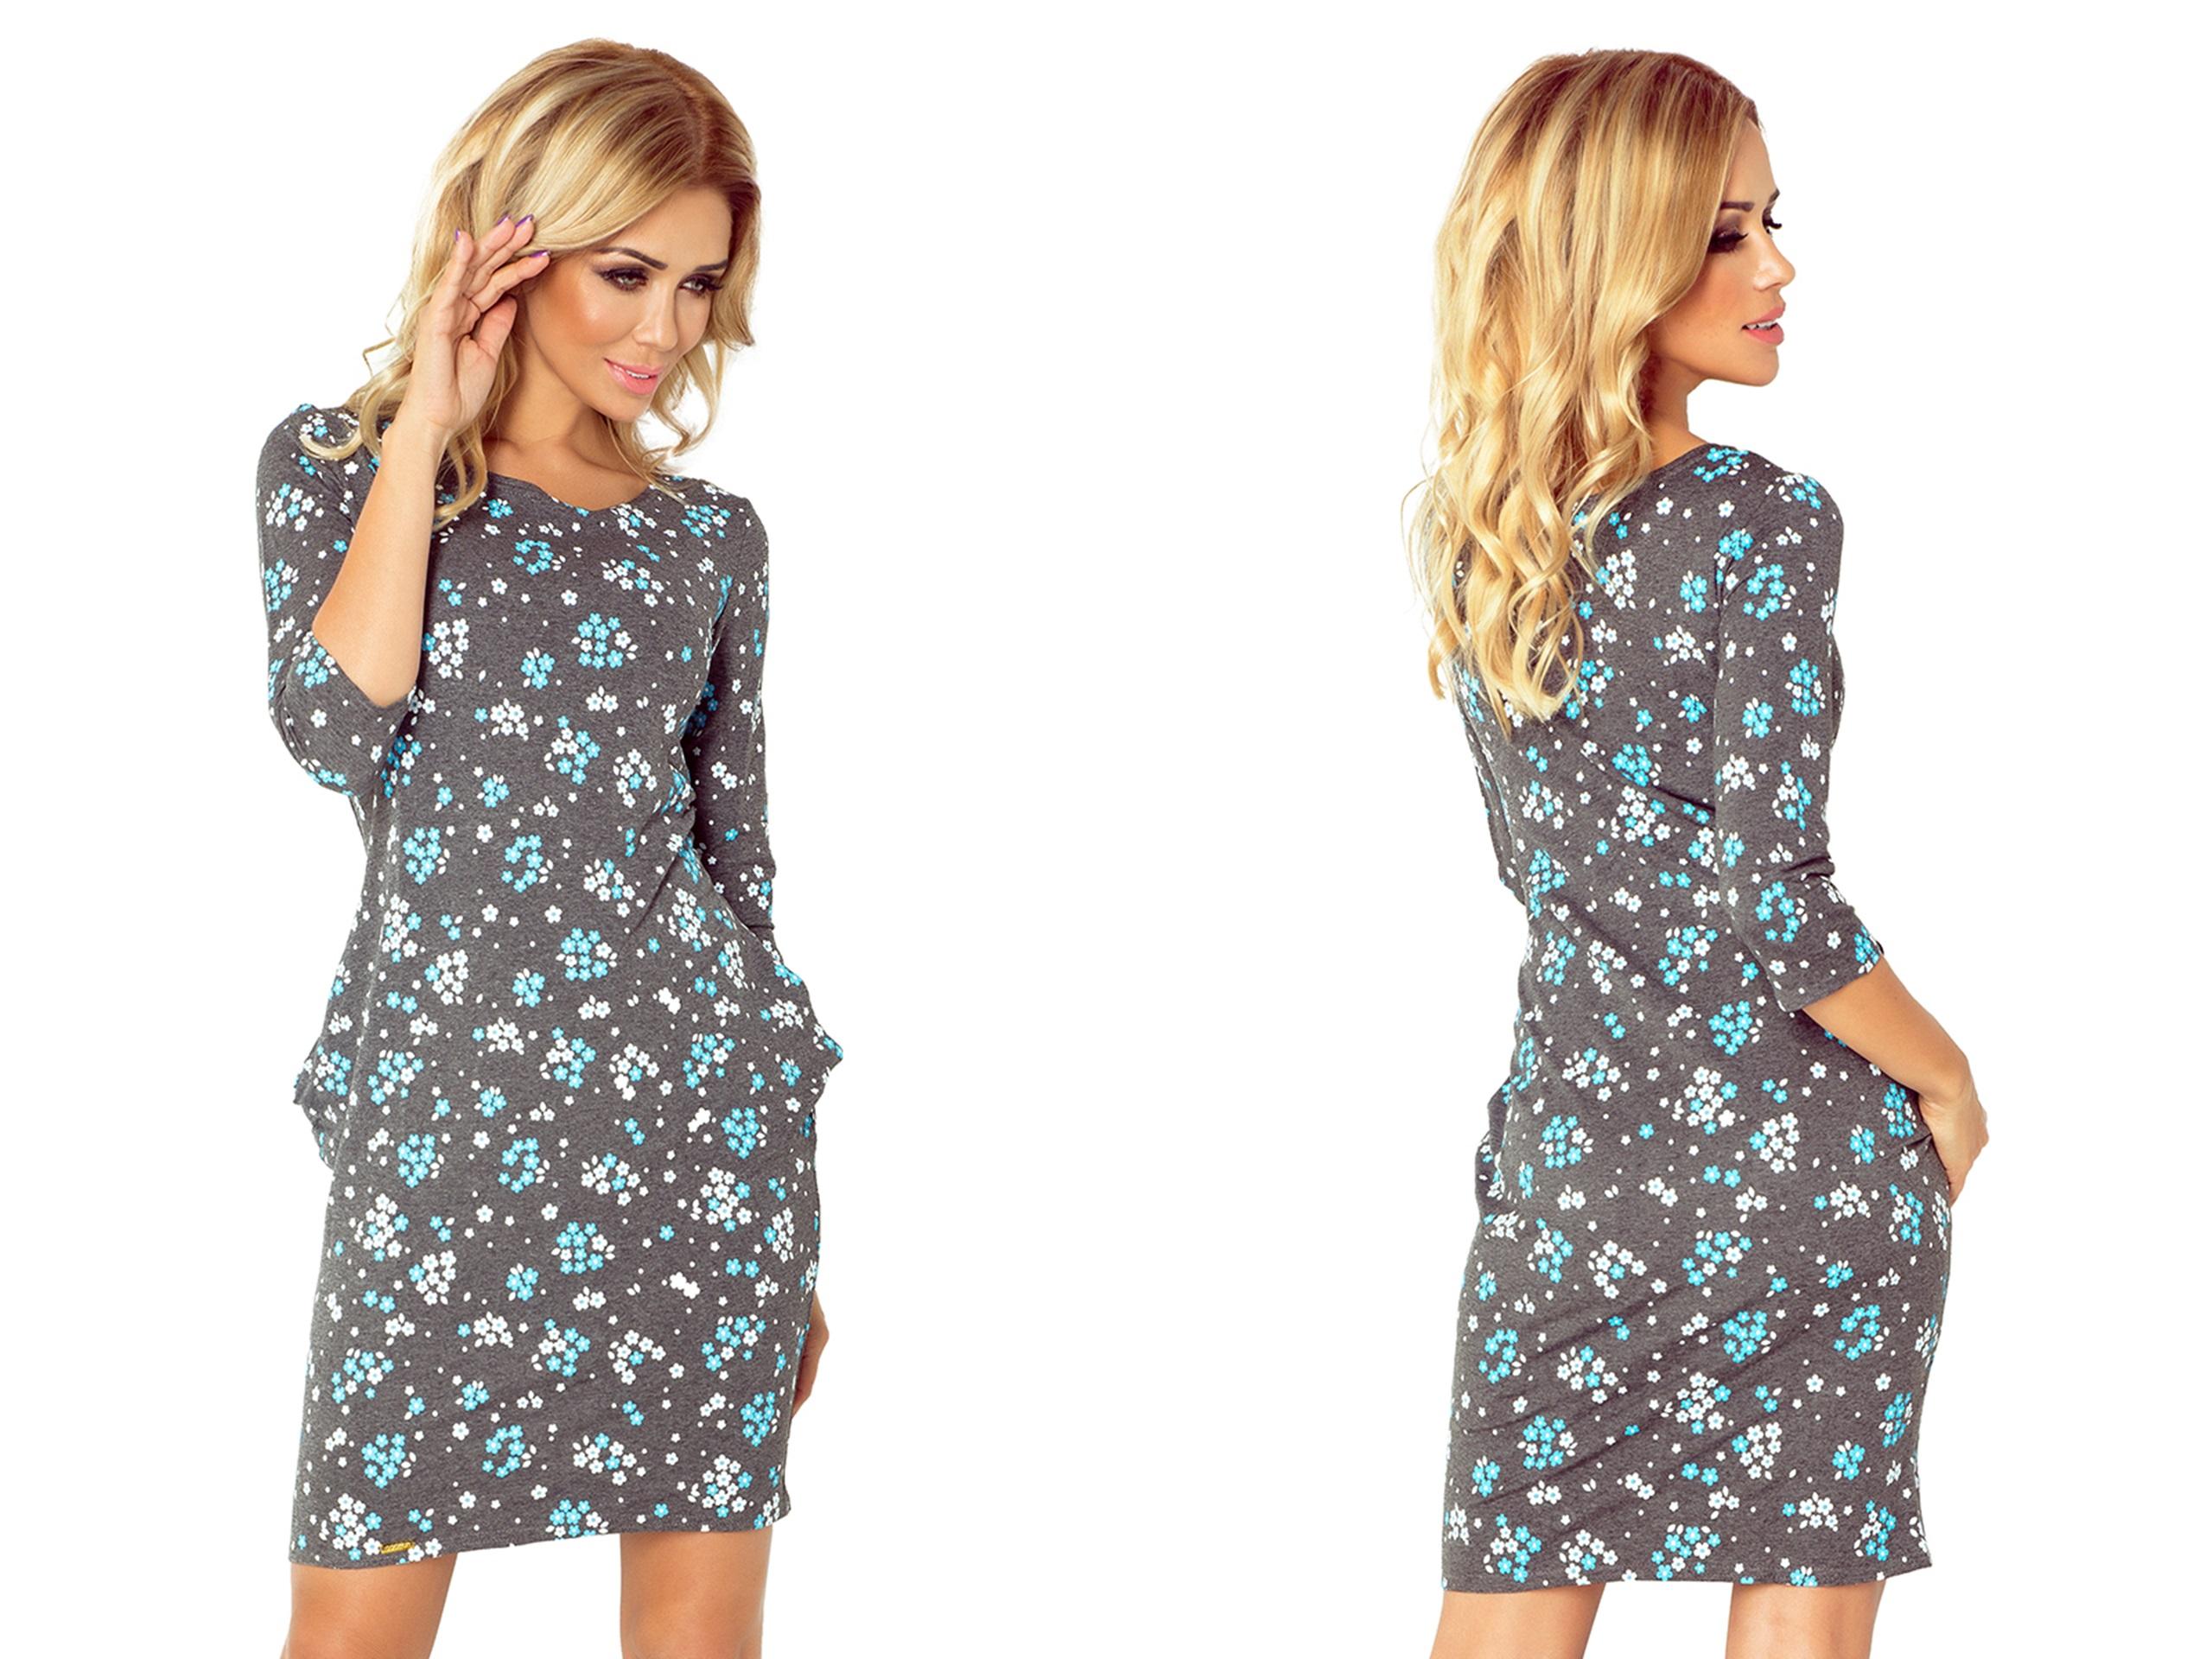 a02c92af42 ŚLICZNA Sukienka NA PRZYJĘCIE ŚWIĘTA 40-9 L 40 7299191574 - Allegro.pl